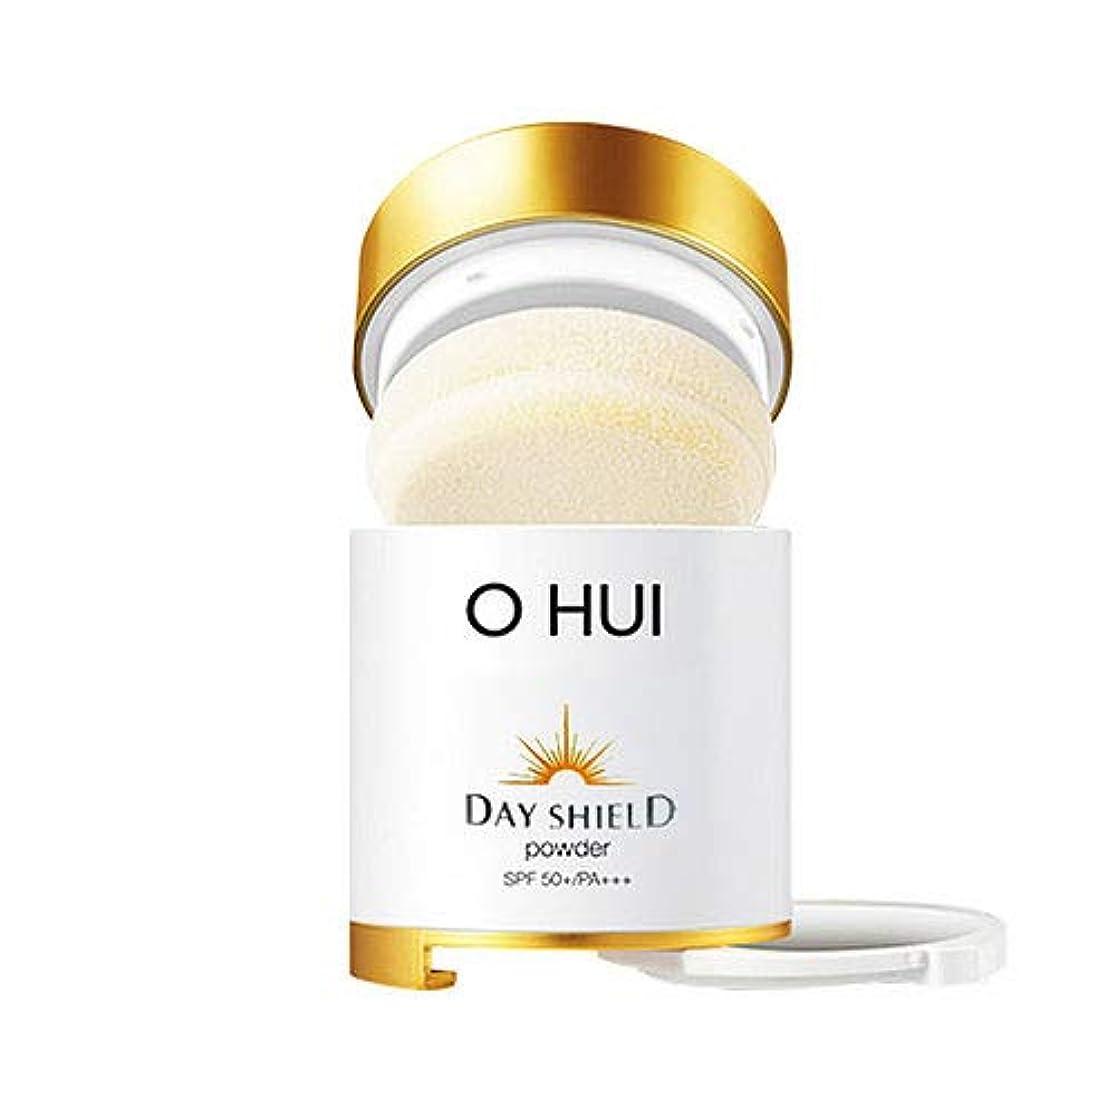 咲くキャッシュキャッシュオフィ デイシールドサンパウダー 20g OHUI Day Shield Sun Powder (# beige) [並行輸入品]